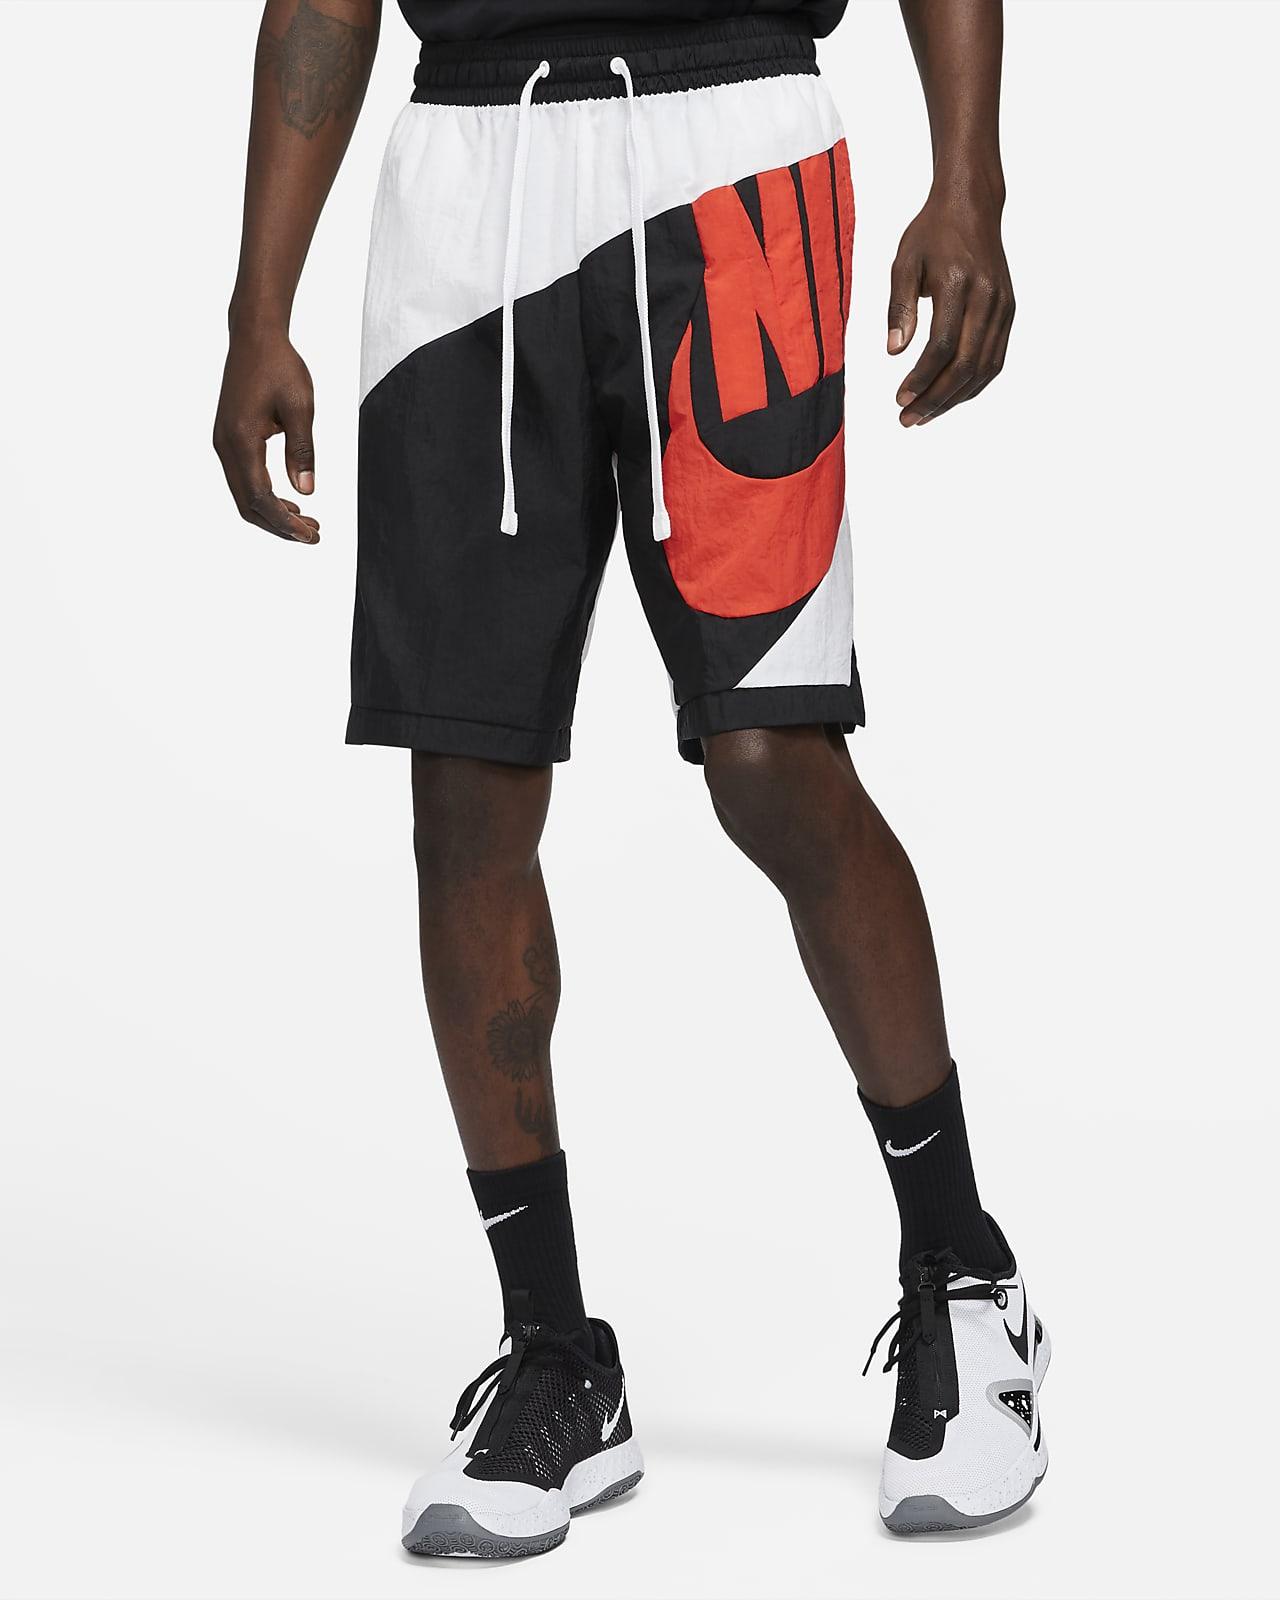 Shorts de básquetbol para hombre Nike Dri-FIT Throwback Futura